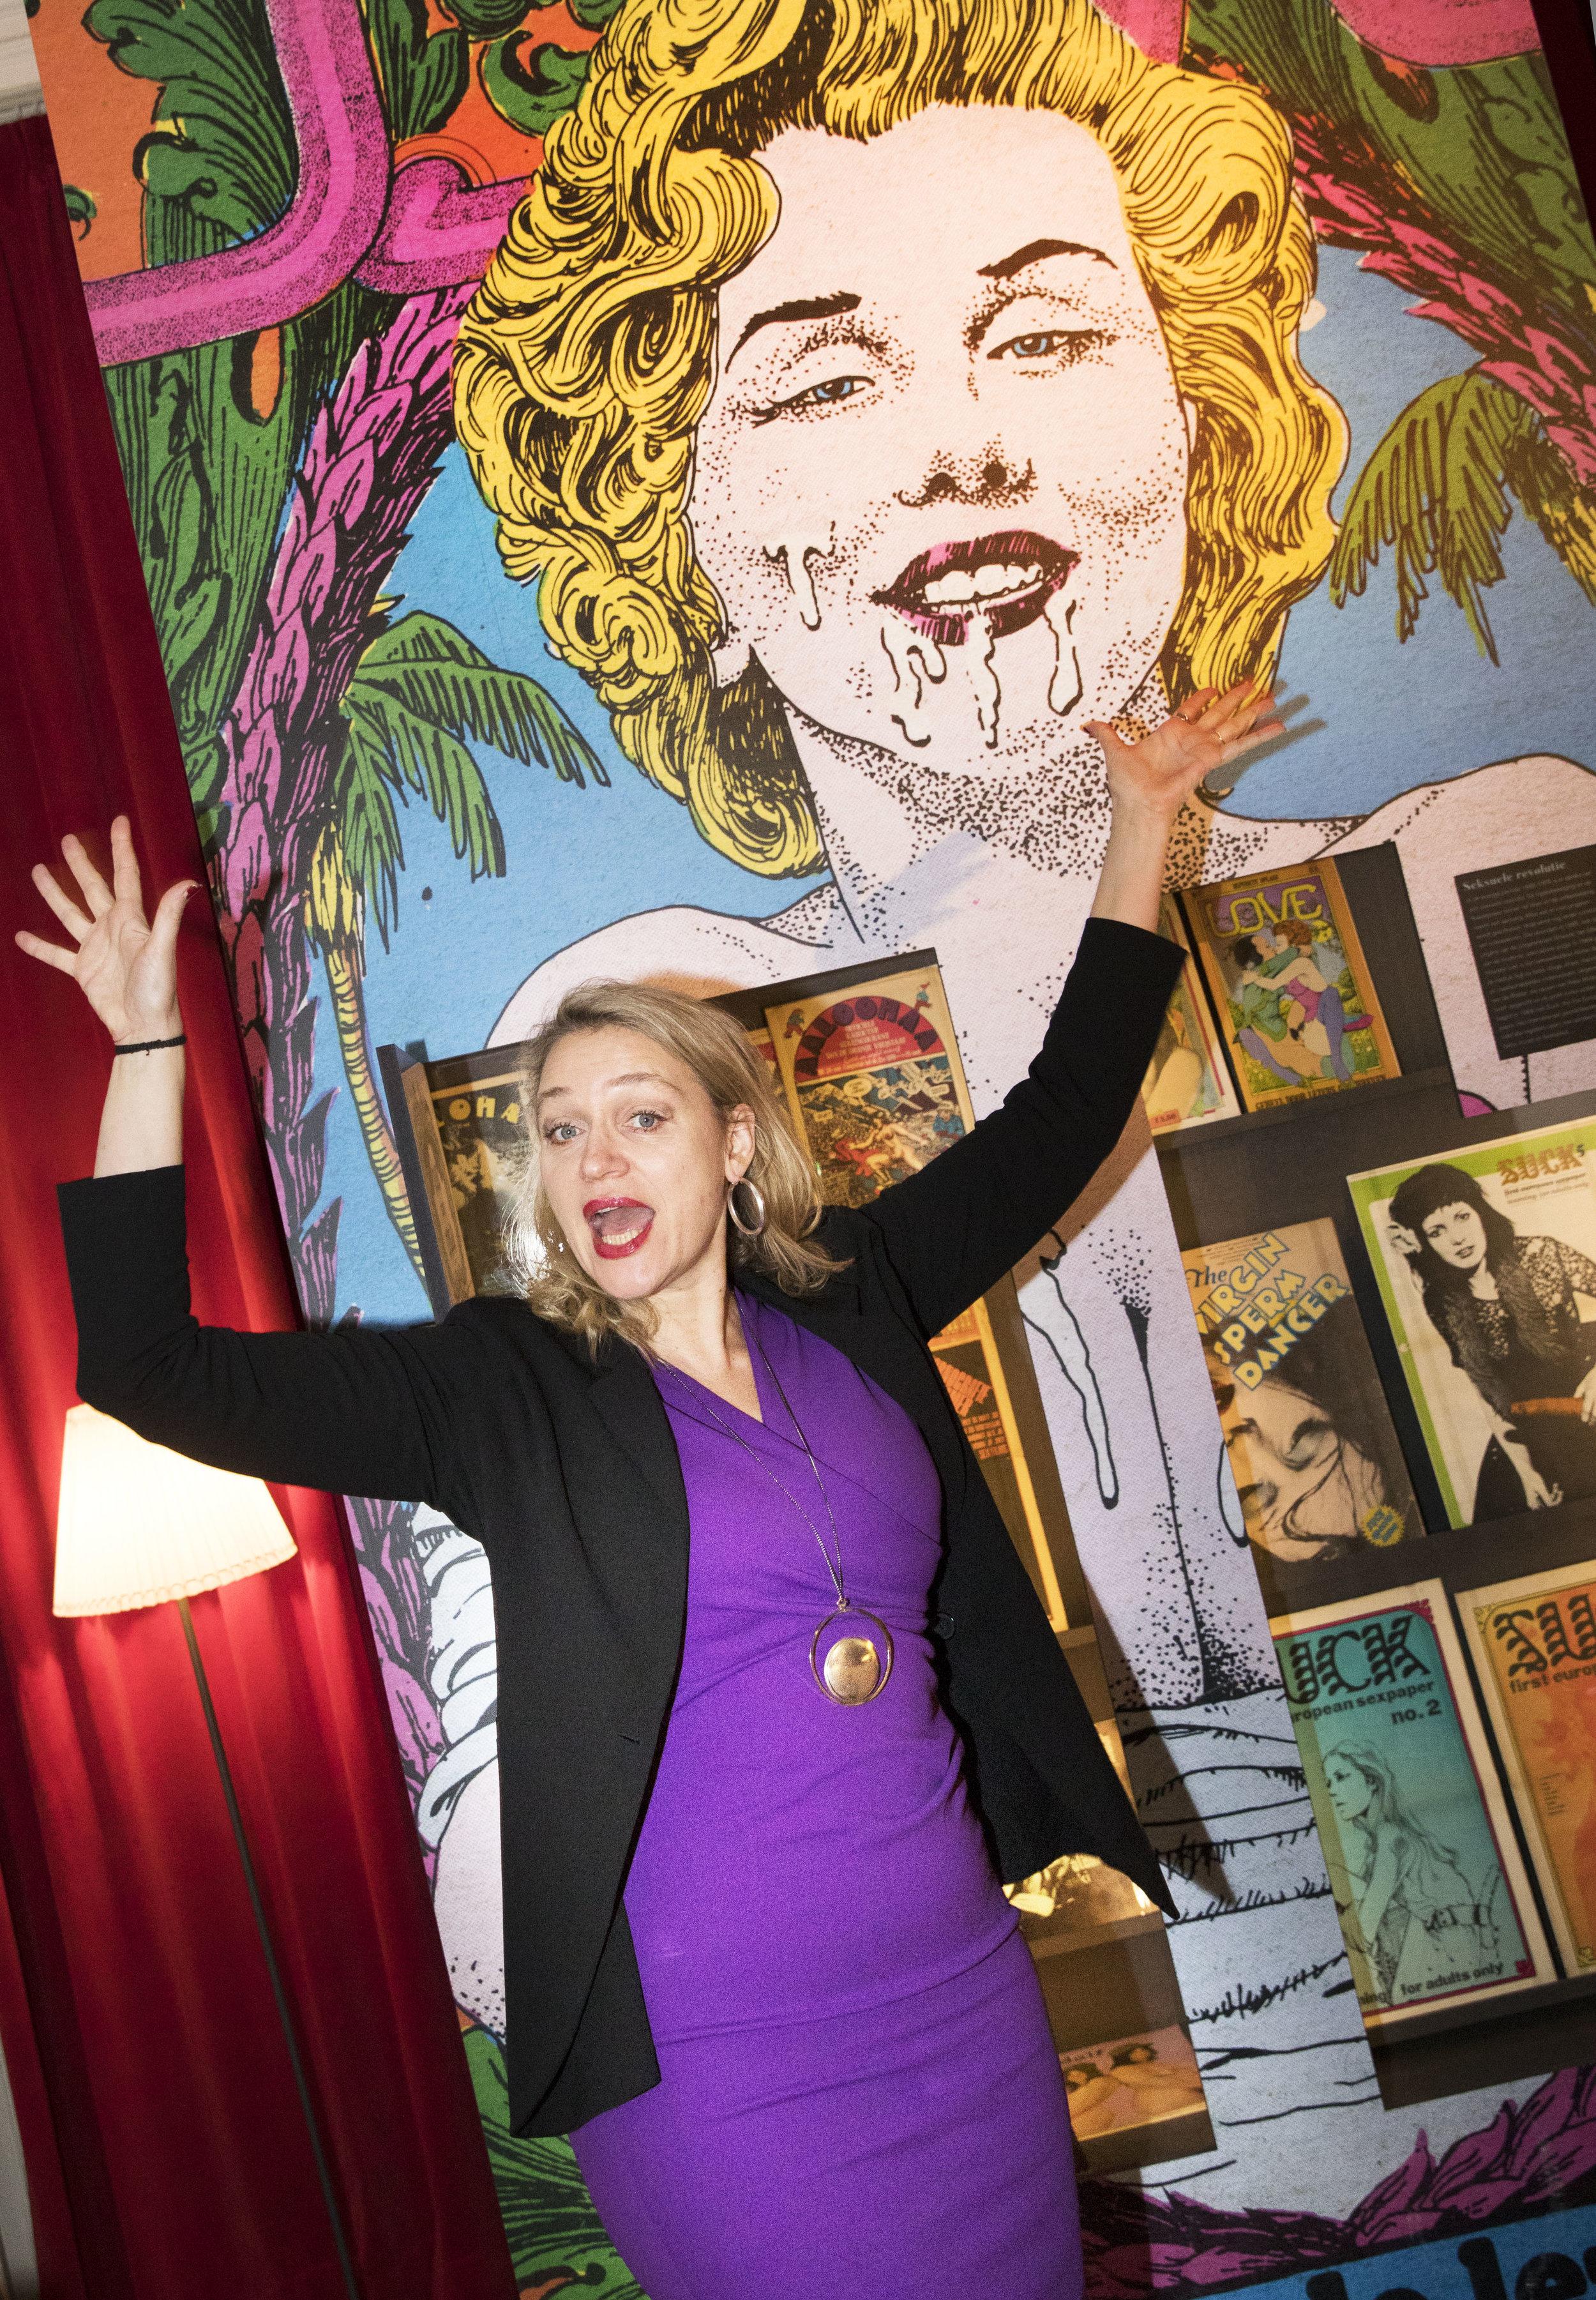 Stella Bergsma in de tentoonstelling 'Porno op papier, taboe en tolerantie door de eeuwen heen' in Huis van het boek | Museum Meermanno